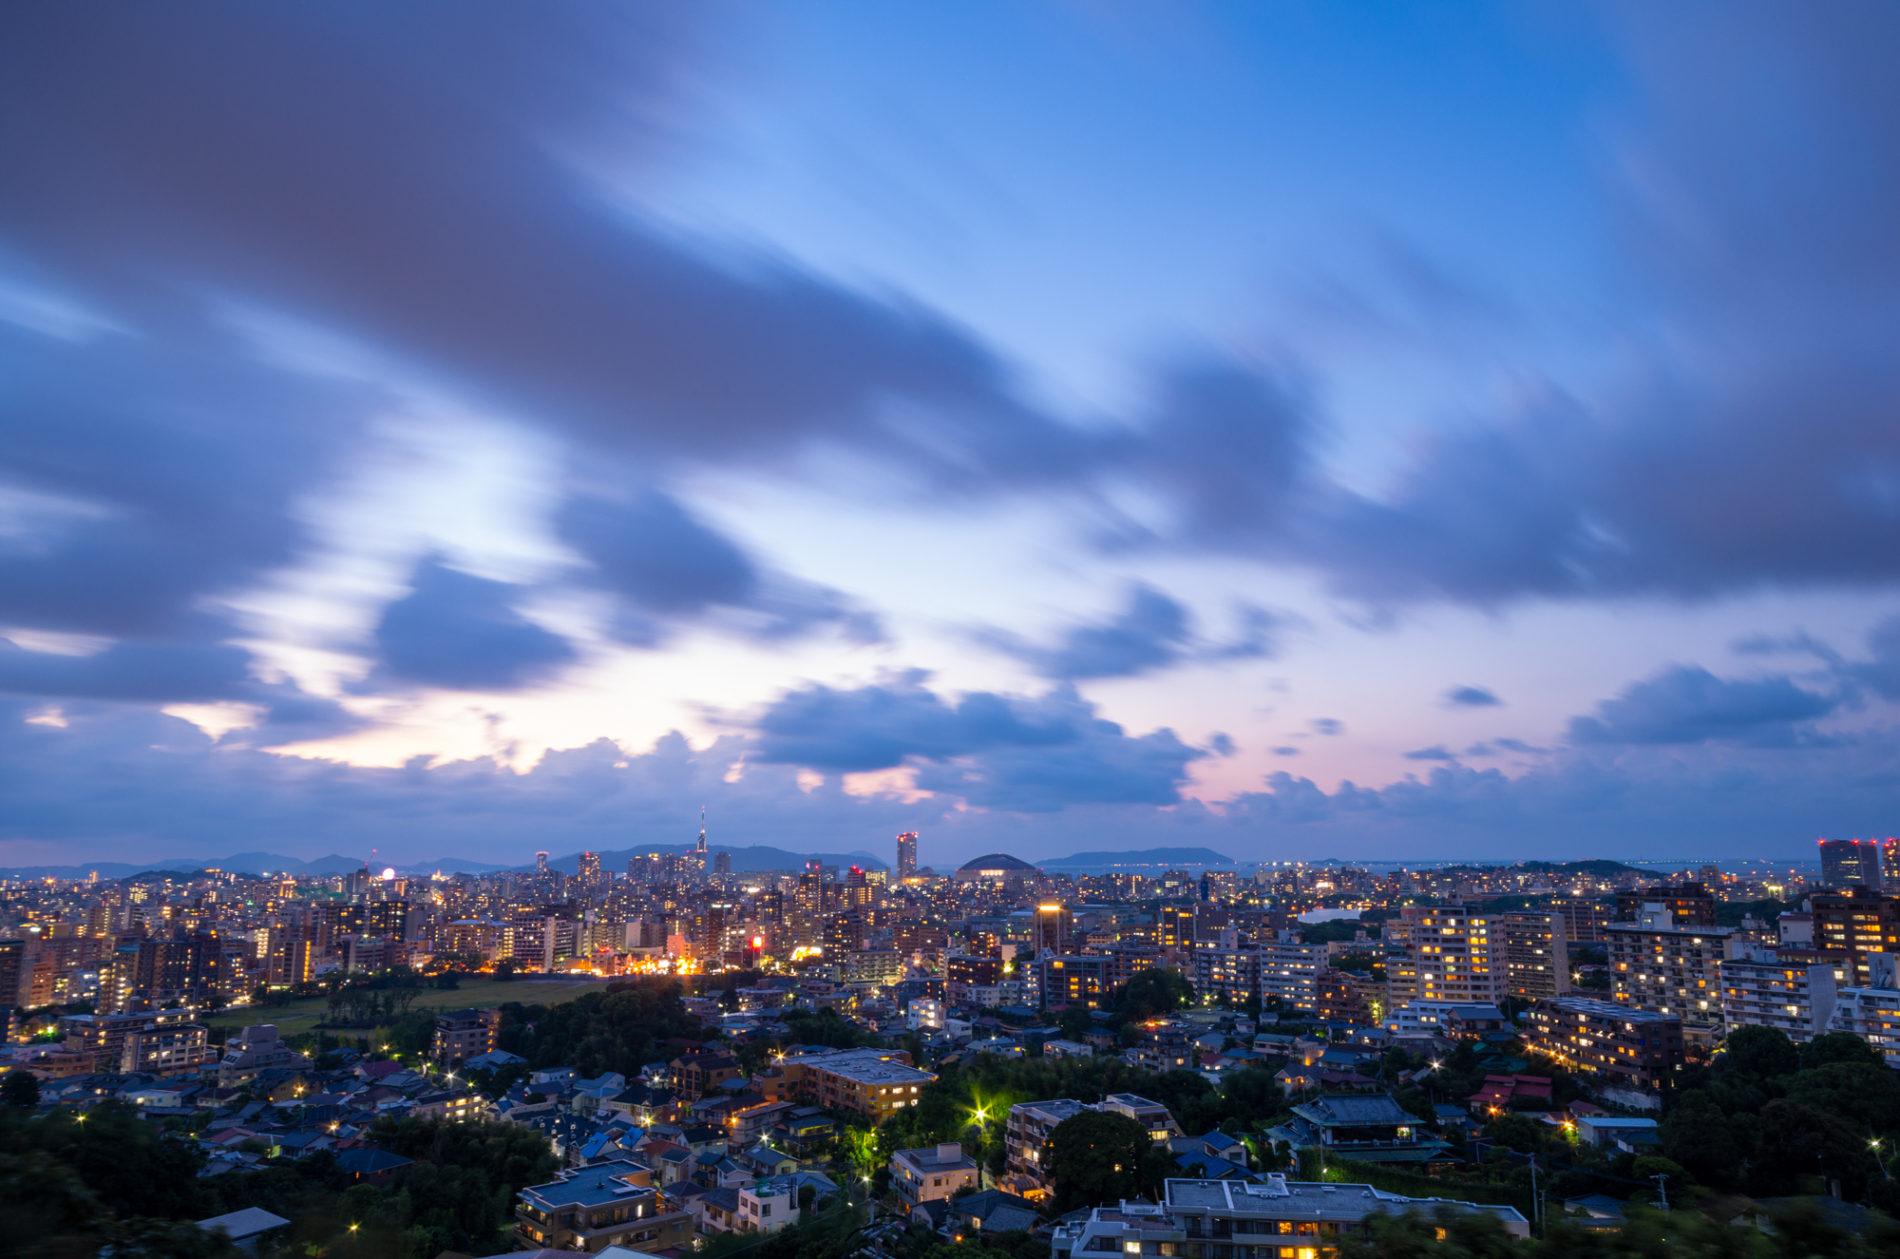 福岡県福岡市ドーム周辺夜景